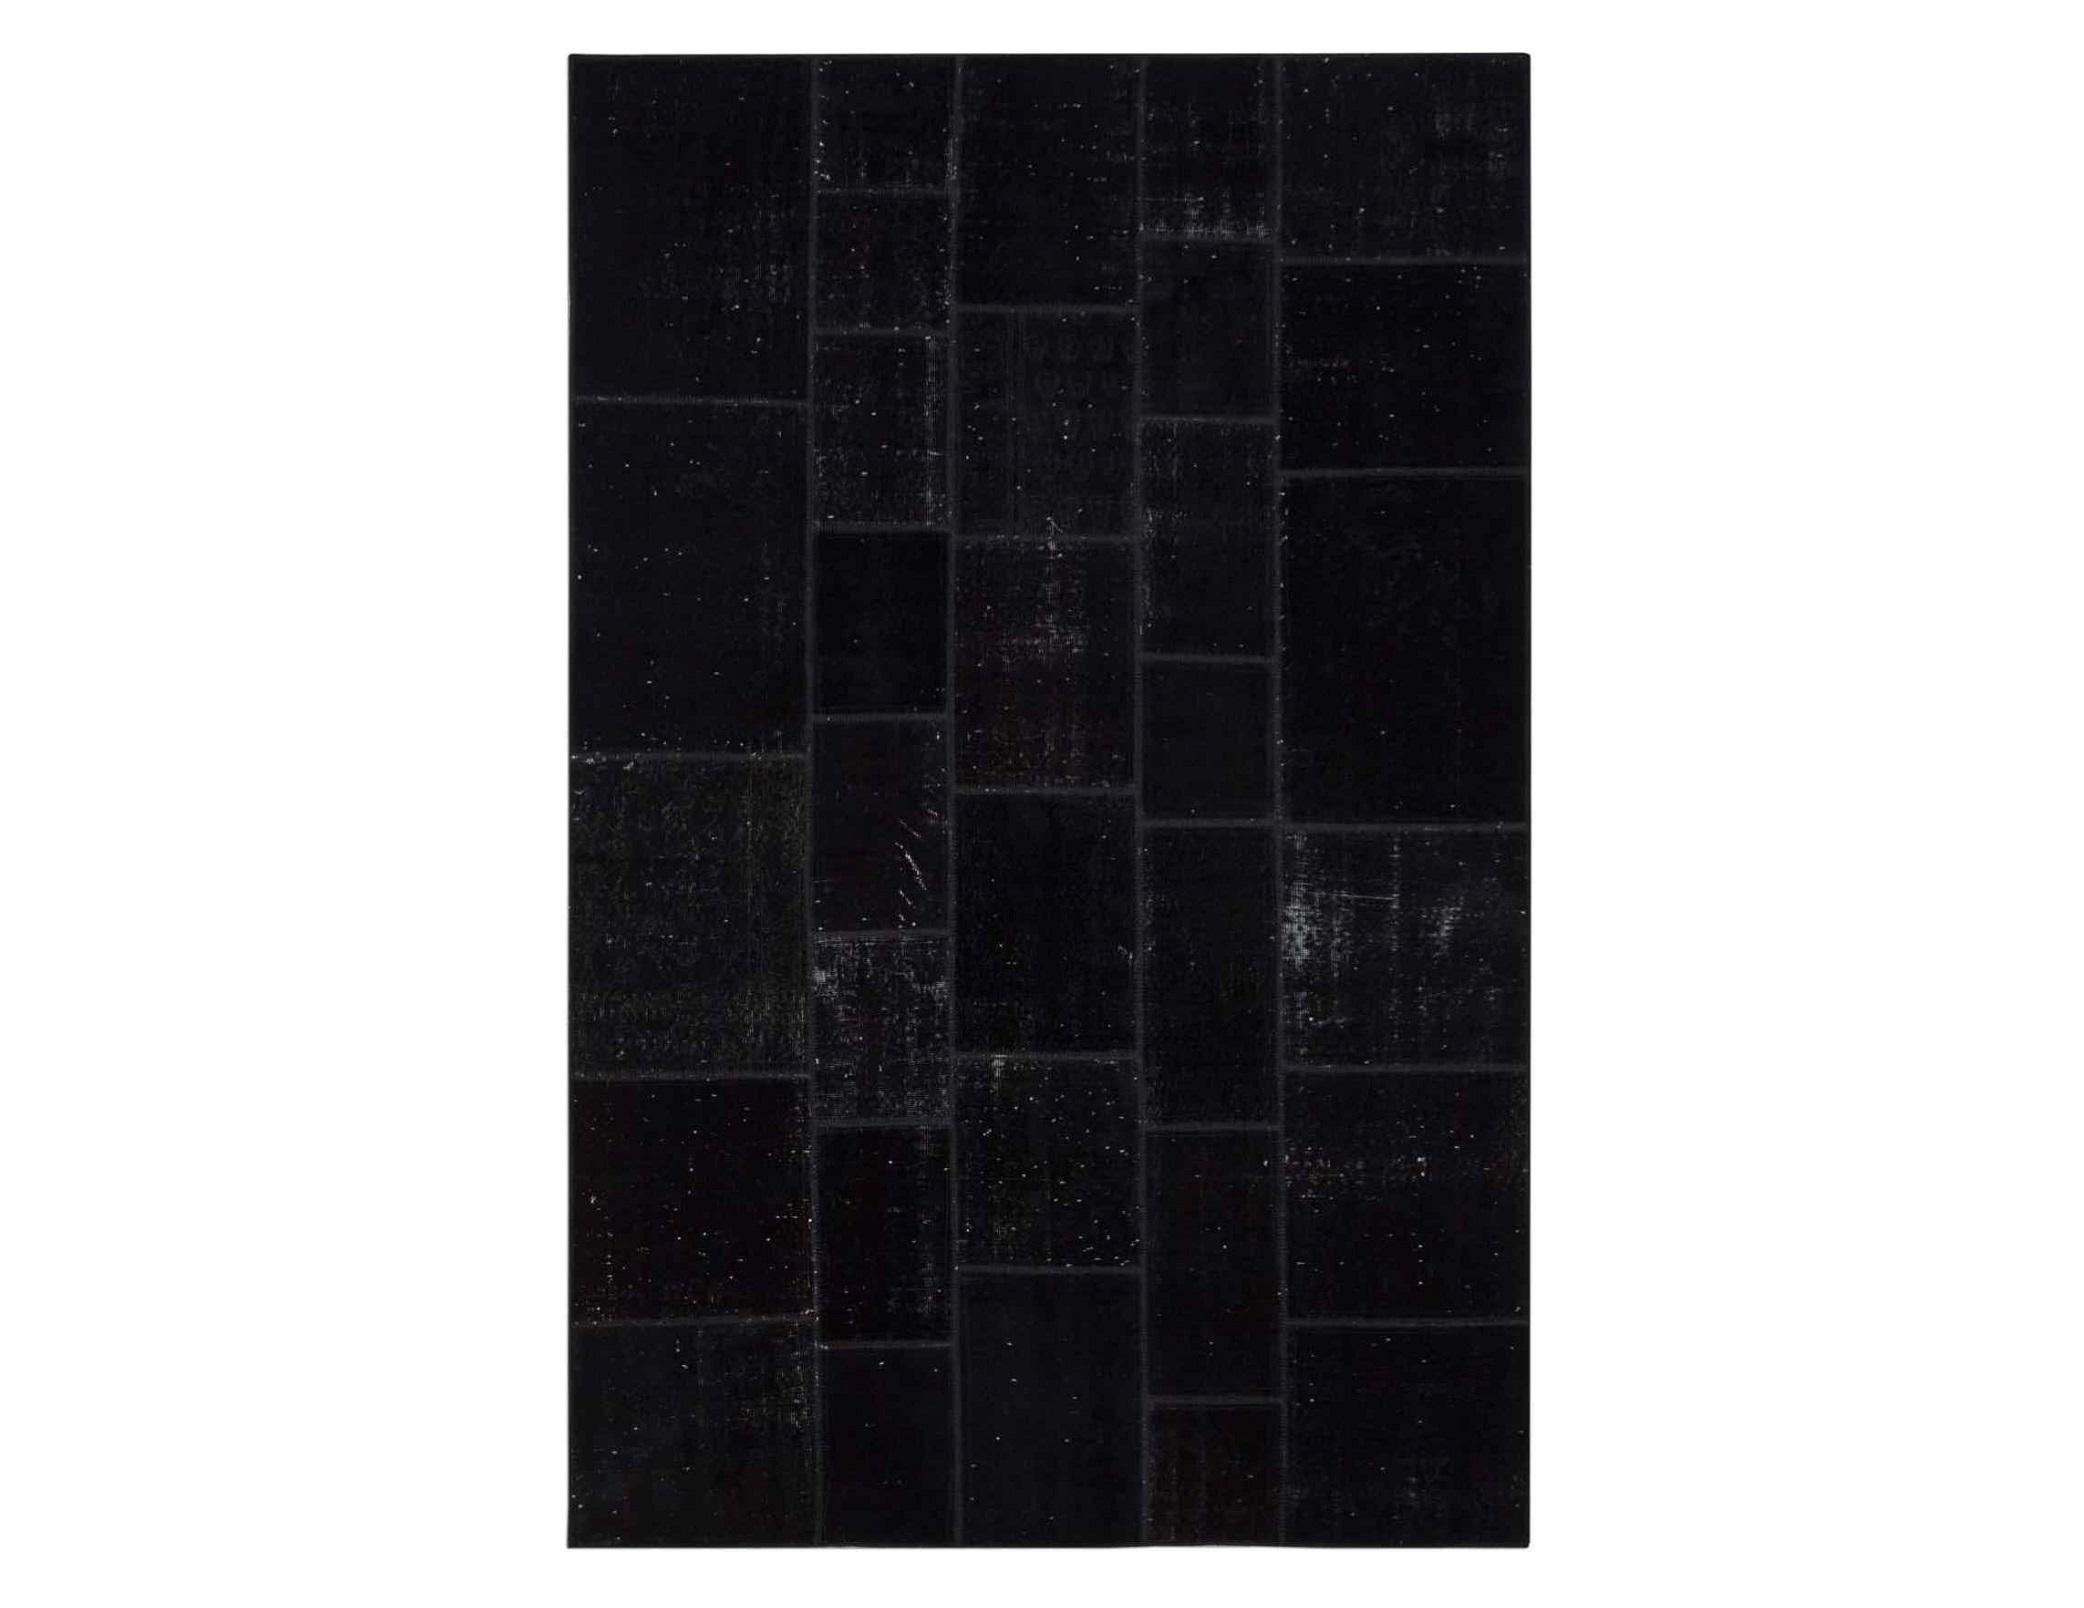 Ковер PatchworkПрямоугольные ковры<br>Винтажный ковер ручной работы в стиле &amp;quot;пэчворк&amp;quot; <br>из 100% шерсти. Ковер прекрасно подходит в <br>любые современные и классические интерьеры, <br>а благодаря толщине ковра всего 5 мм и отсутствию <br>ворса, его легко чистить любыми видами пылесосов. <br>Этот настоящий ковер ручной работы не потеряет <br>своих красок и будет служить десятилетия.<br><br>Material: Шерсть<br>Ширина см: 196<br>Глубина см: 302